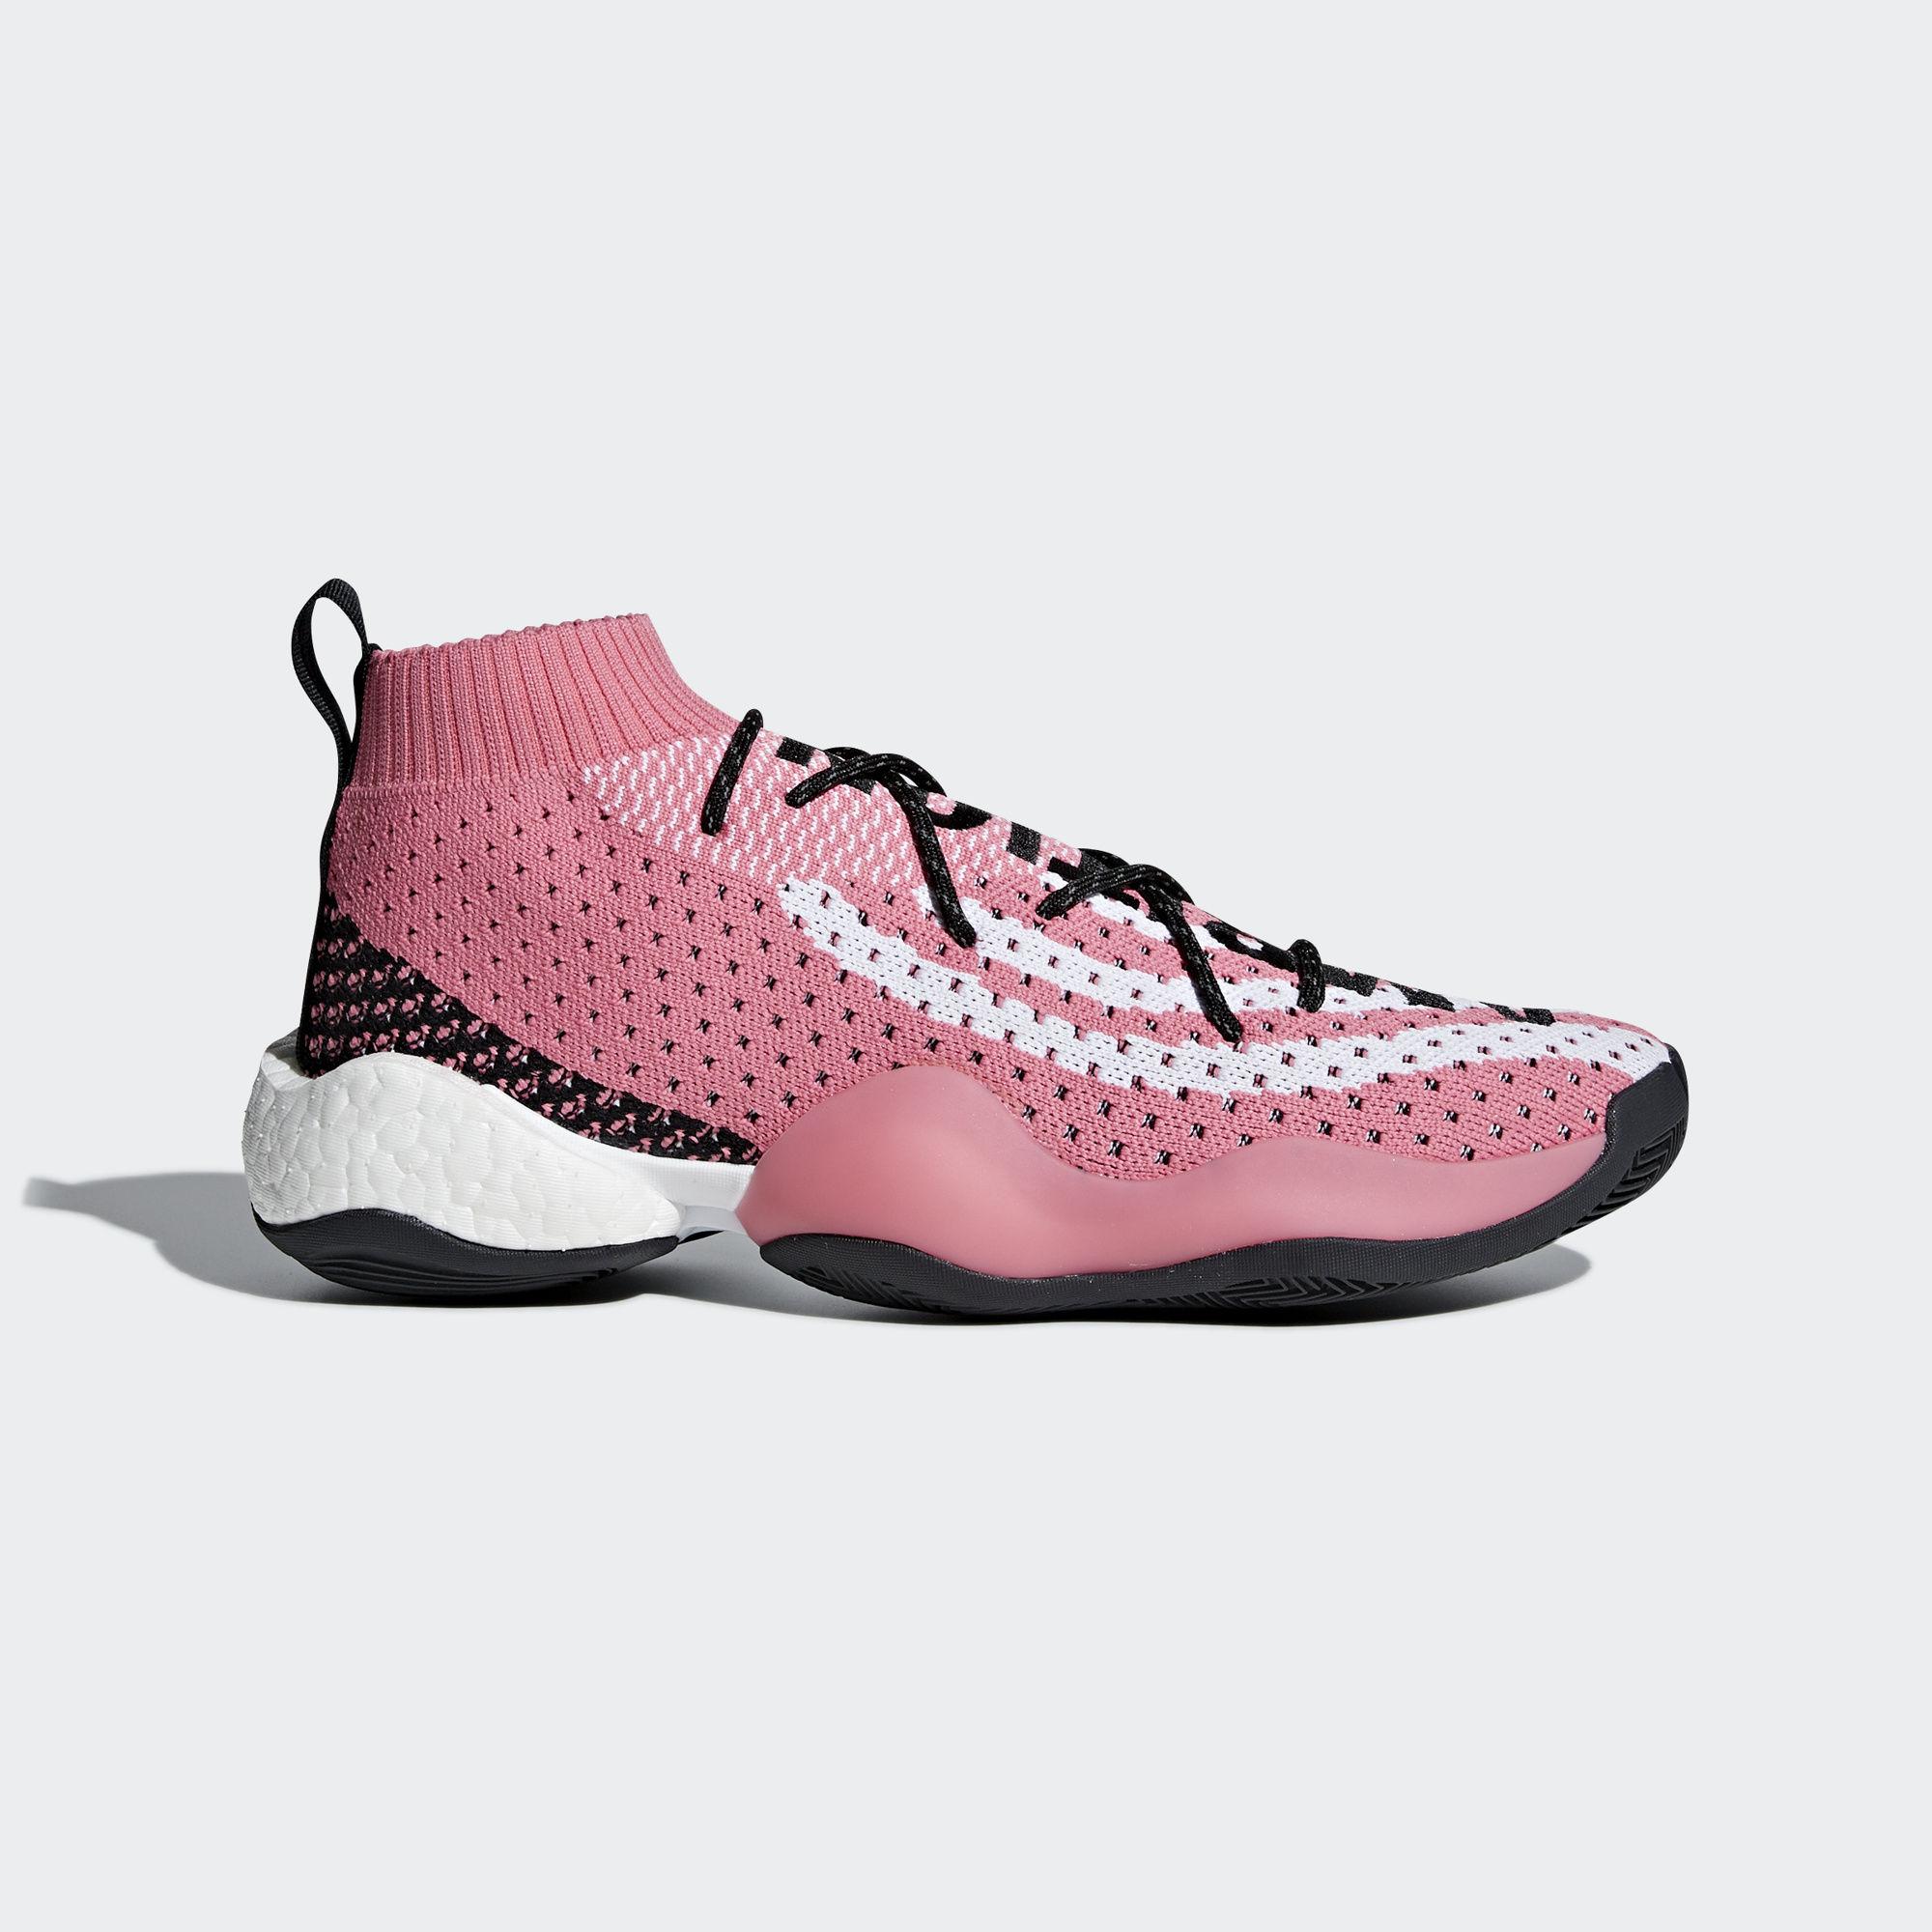 Adidas Crazy BYW LVL G28183